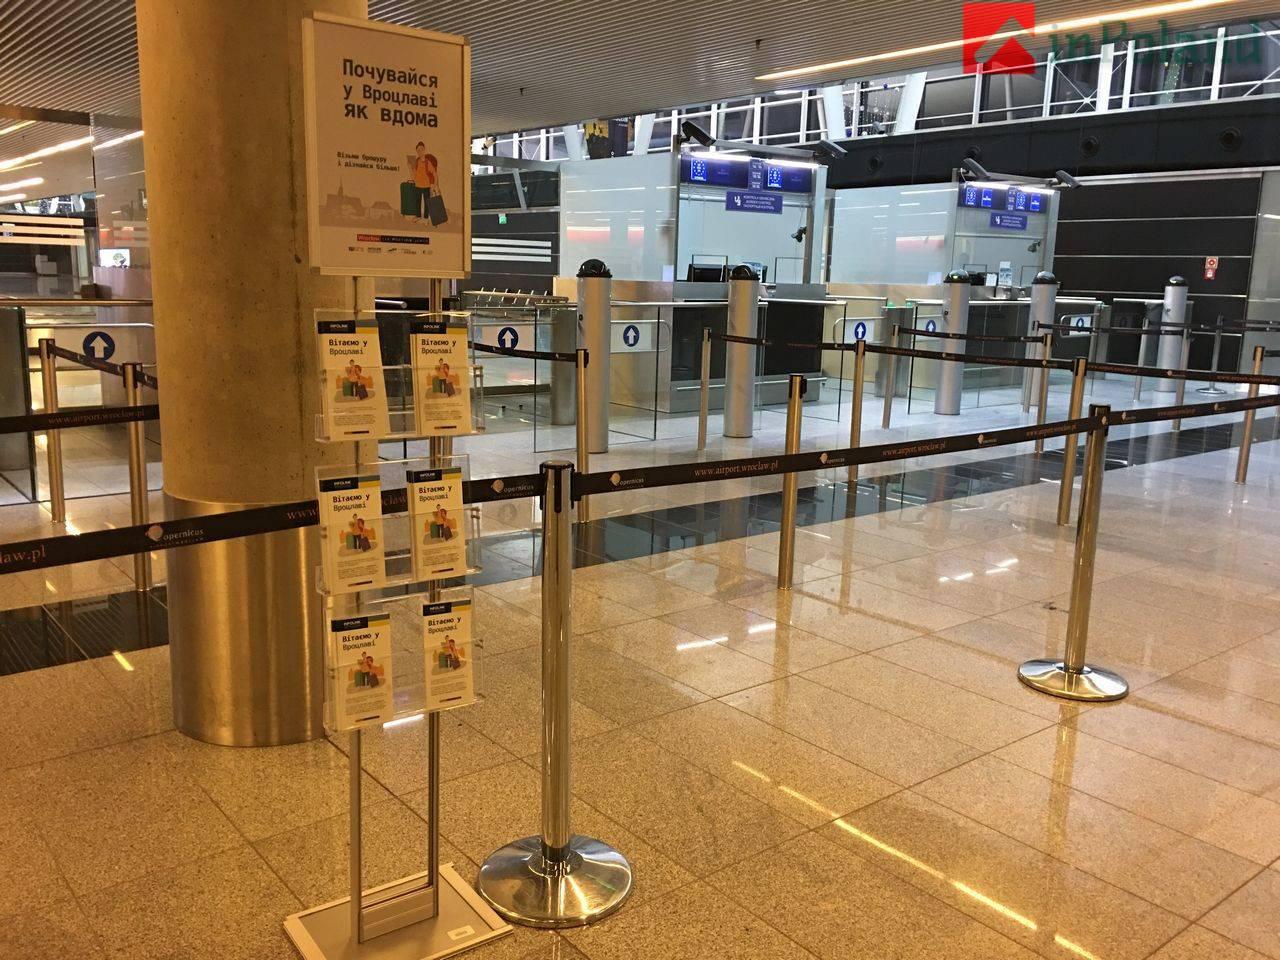 Вроцлавский аэропорт по-украински: появились указатели и информатериалы на украинском